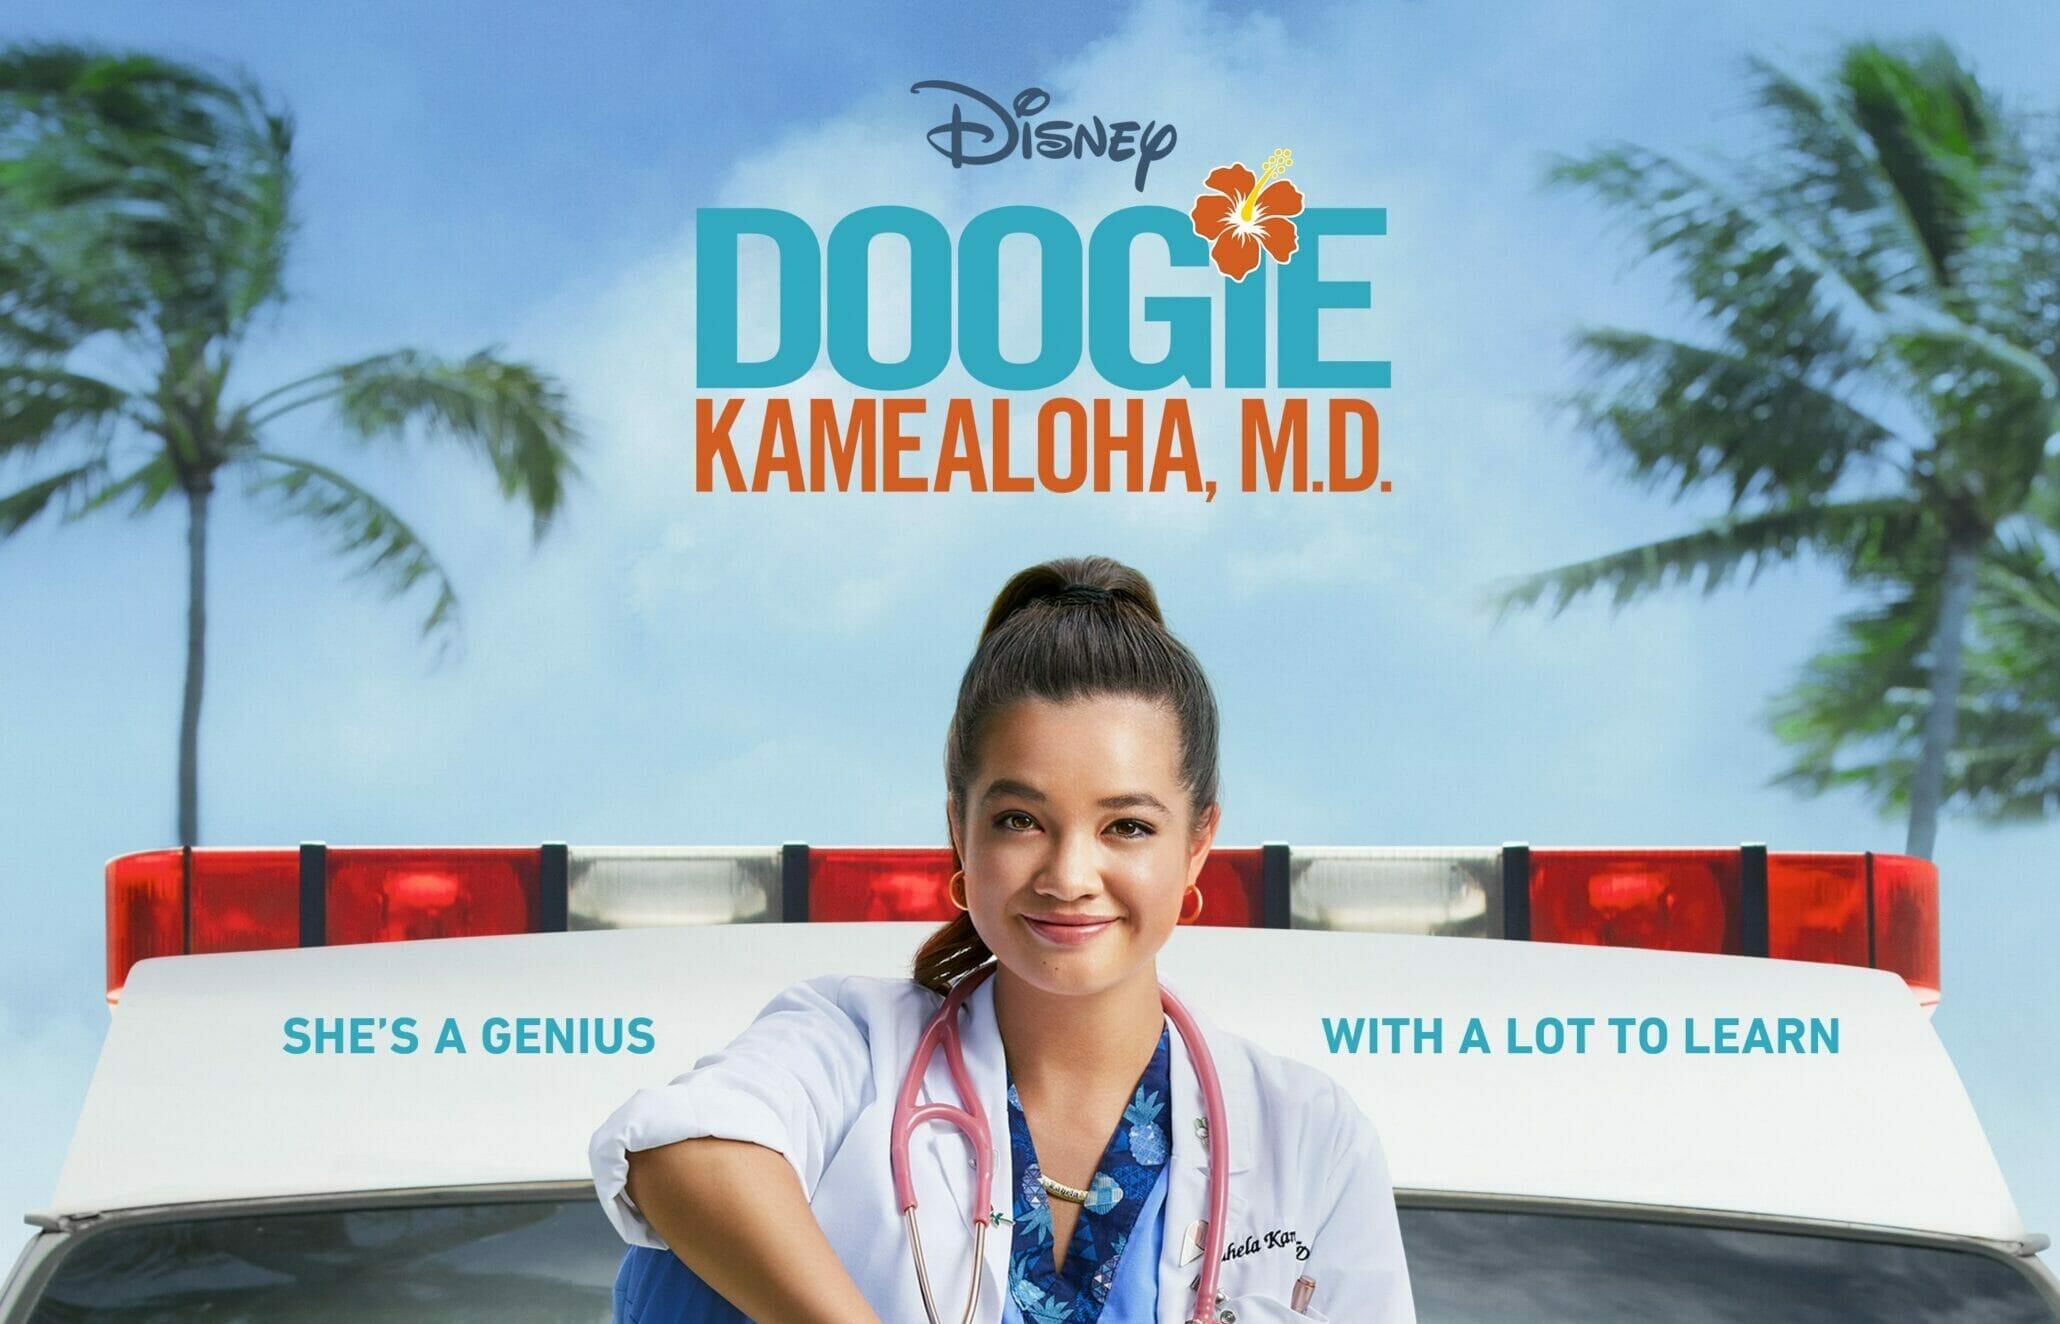 'Doogie Kamealoha, M.D.' Makes Great 'Doogie Howser' Reboot